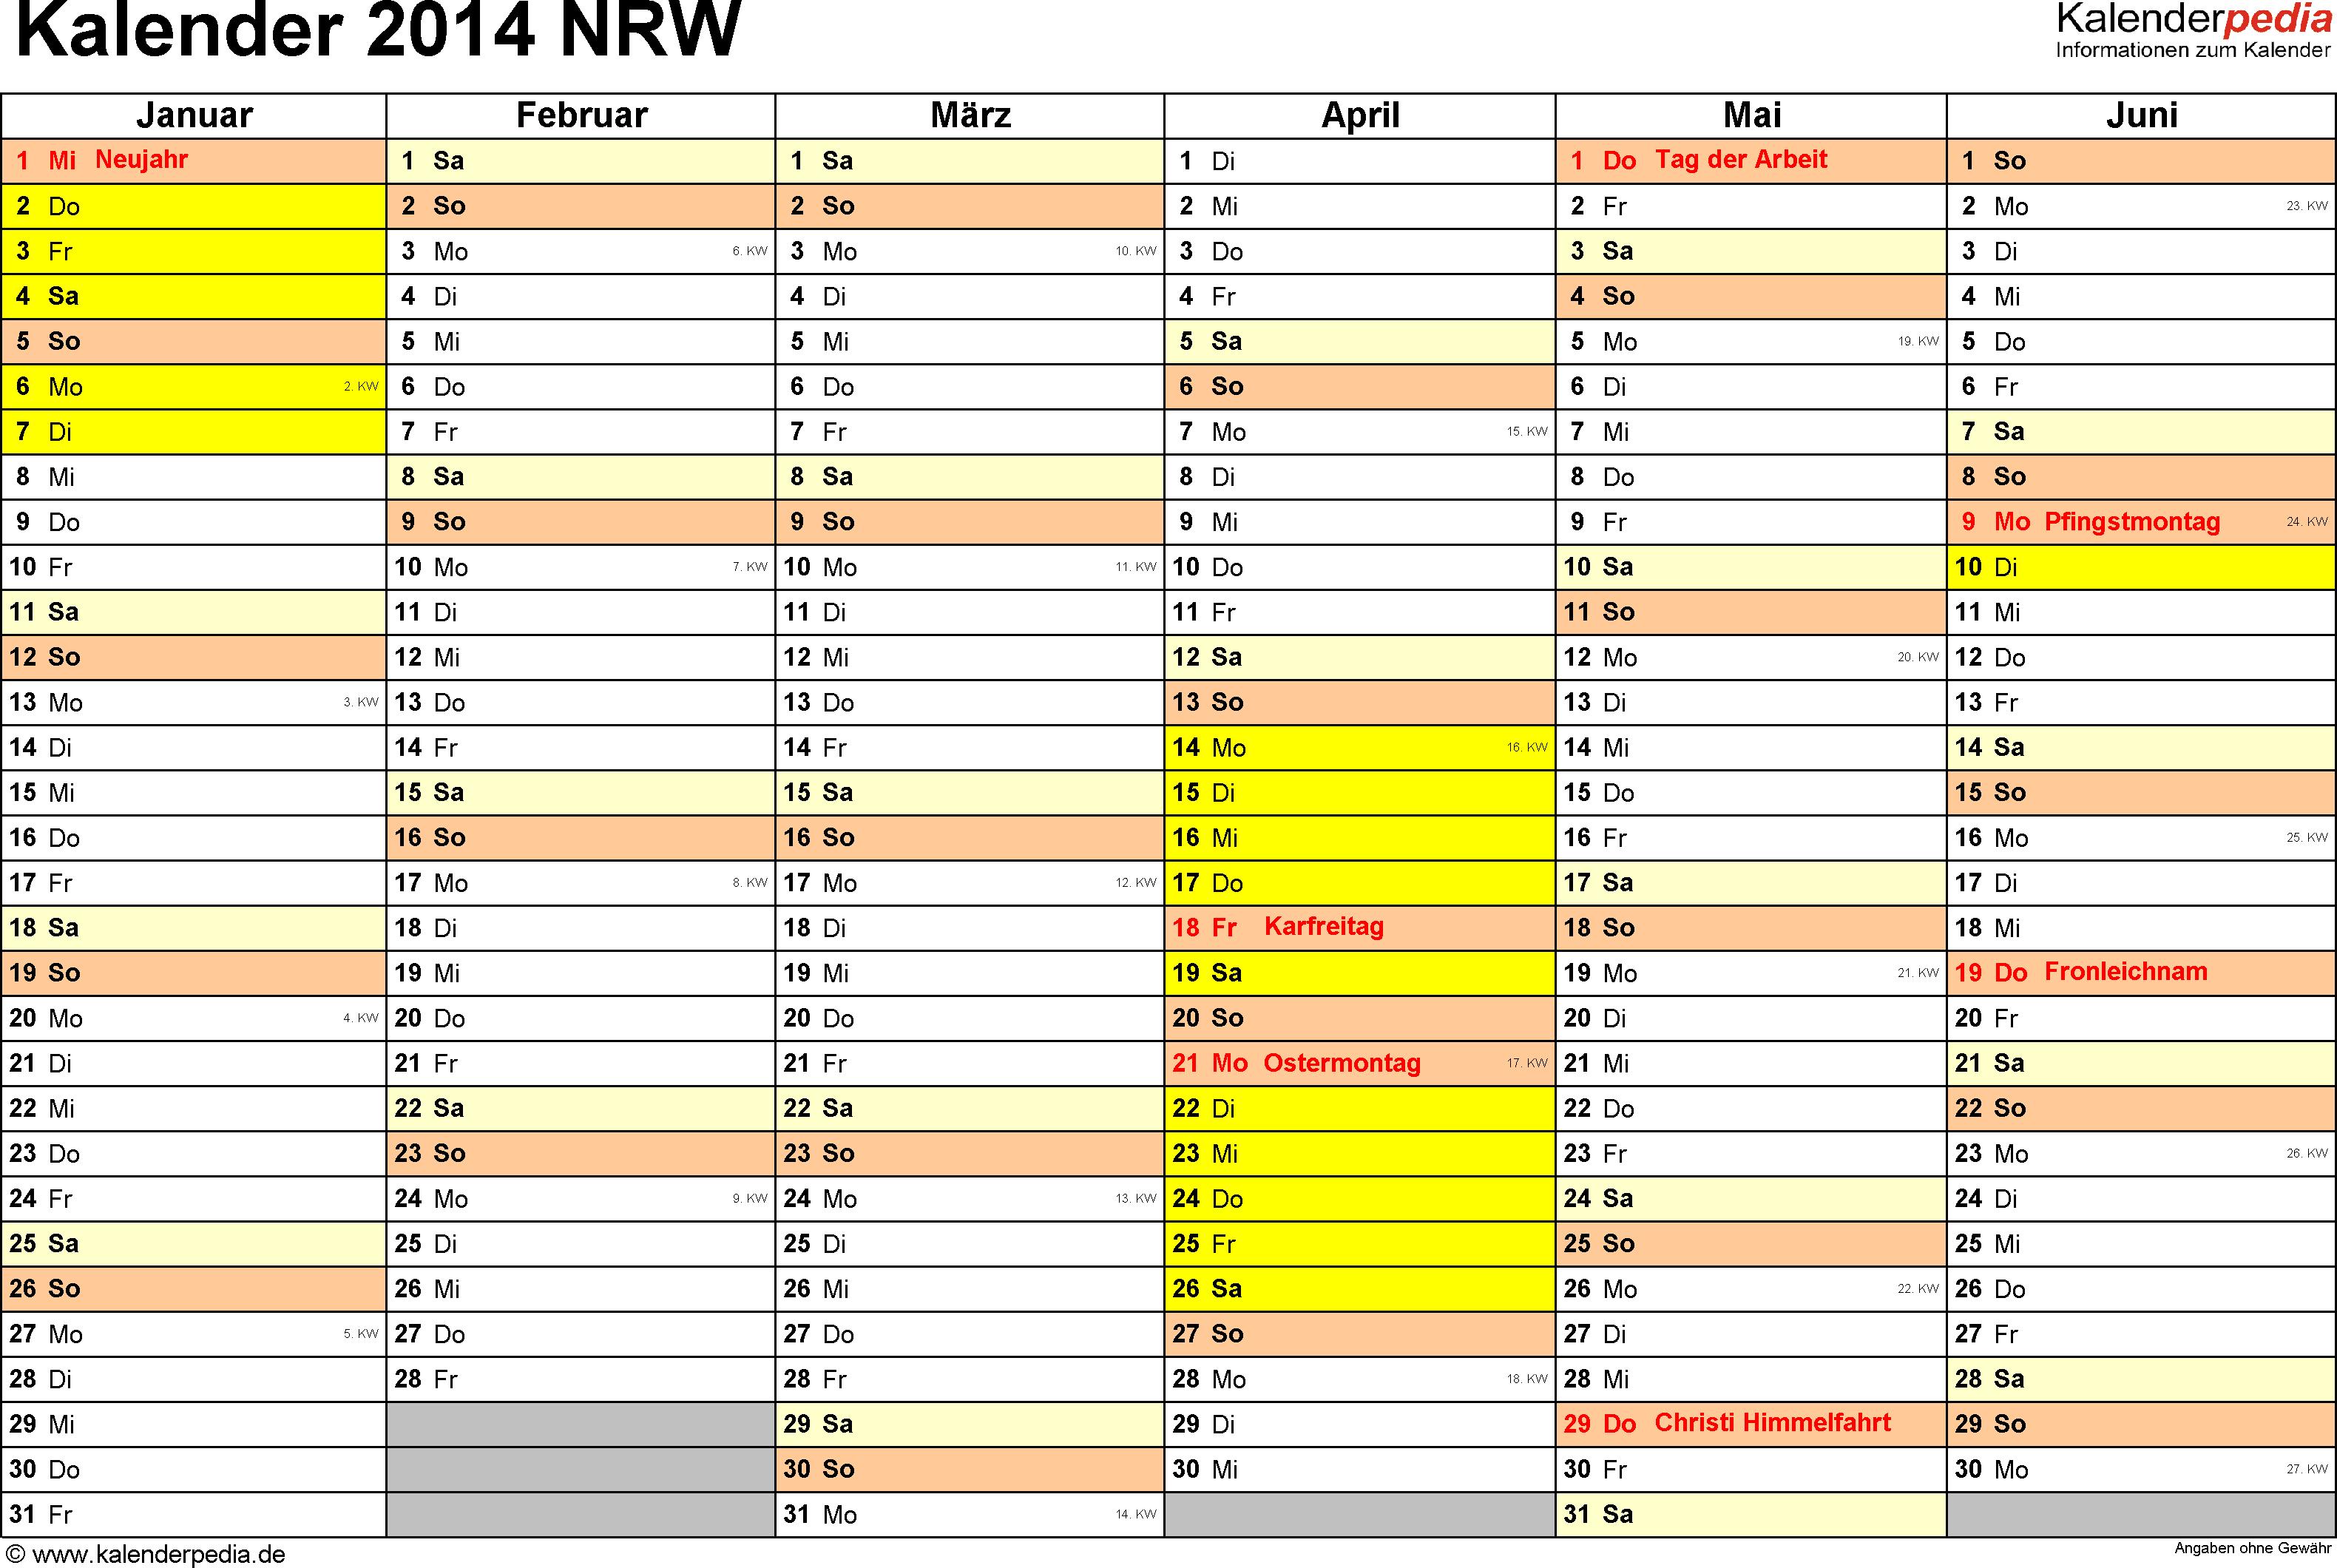 Vorlage 2: Kalender 2014 für Nordrhein-Westfalen (NRW) als Word-Vorlagen (Querformat, 2 Seiten)